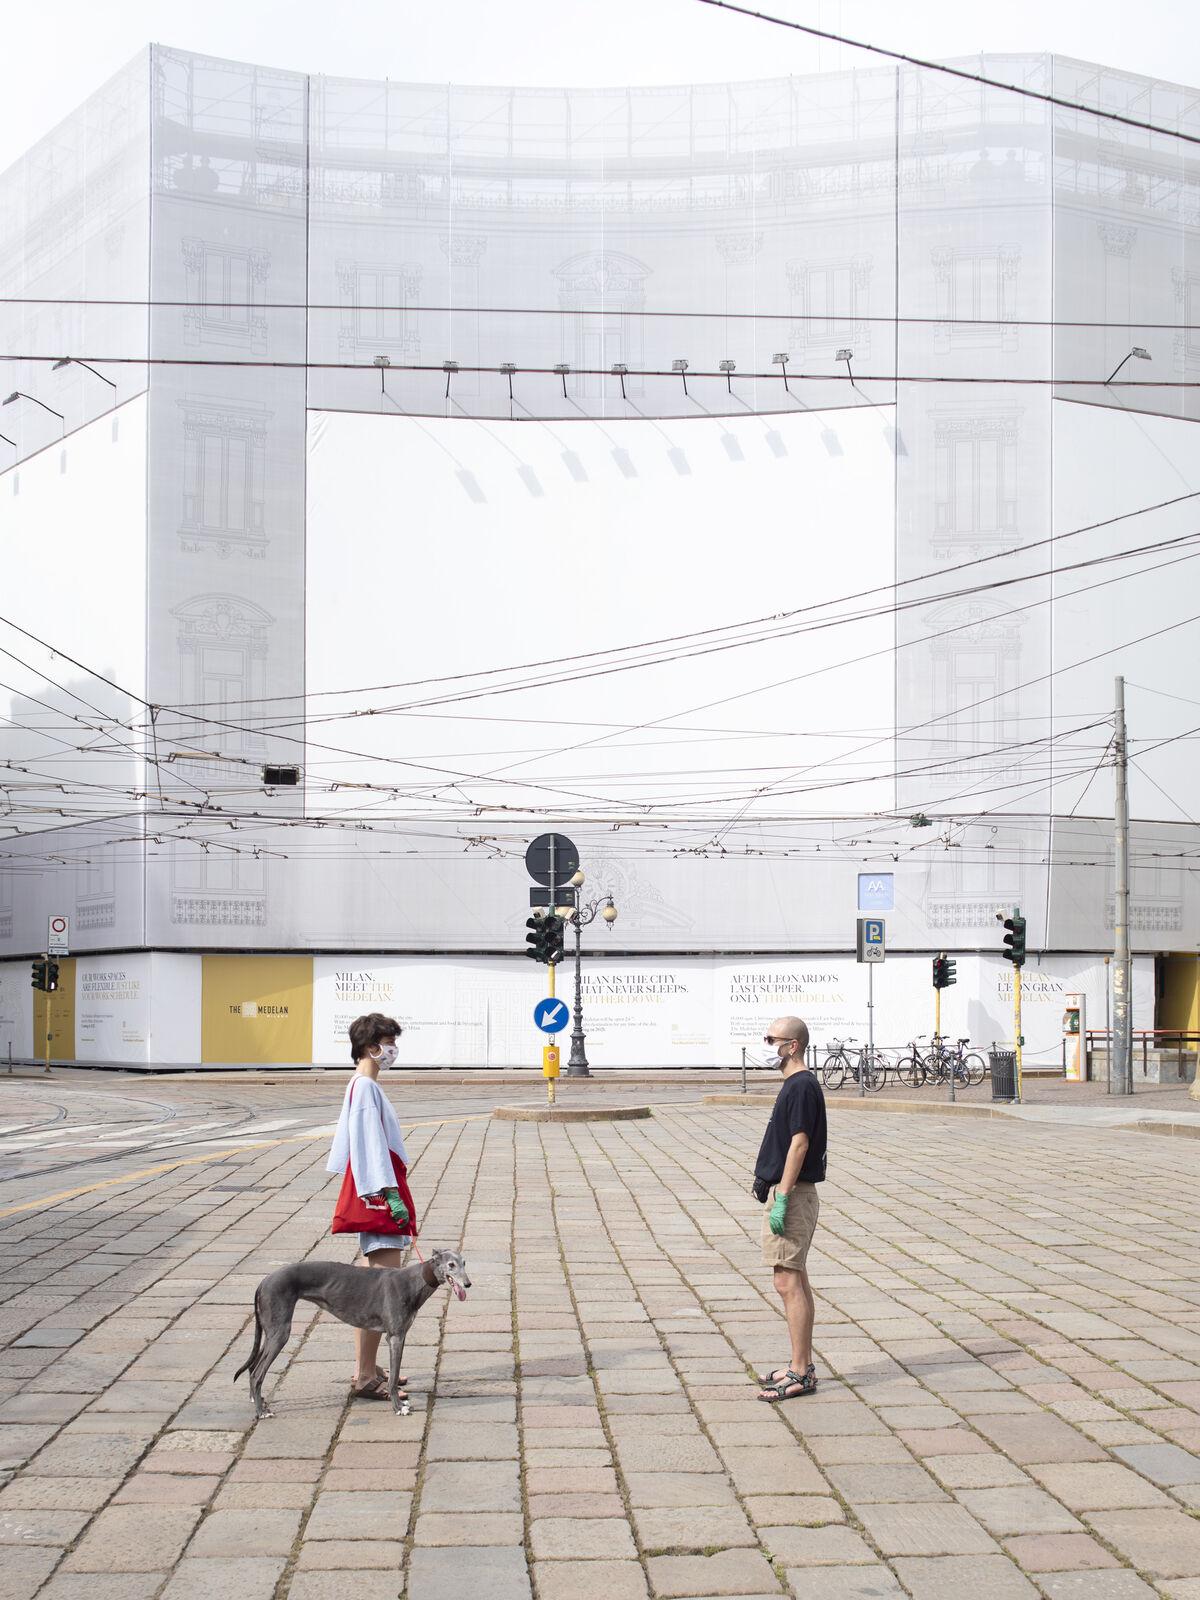 Marco Dapino, Piazza Cordusio, Milano, 2020. Courtesy of Giorgio Barrera.